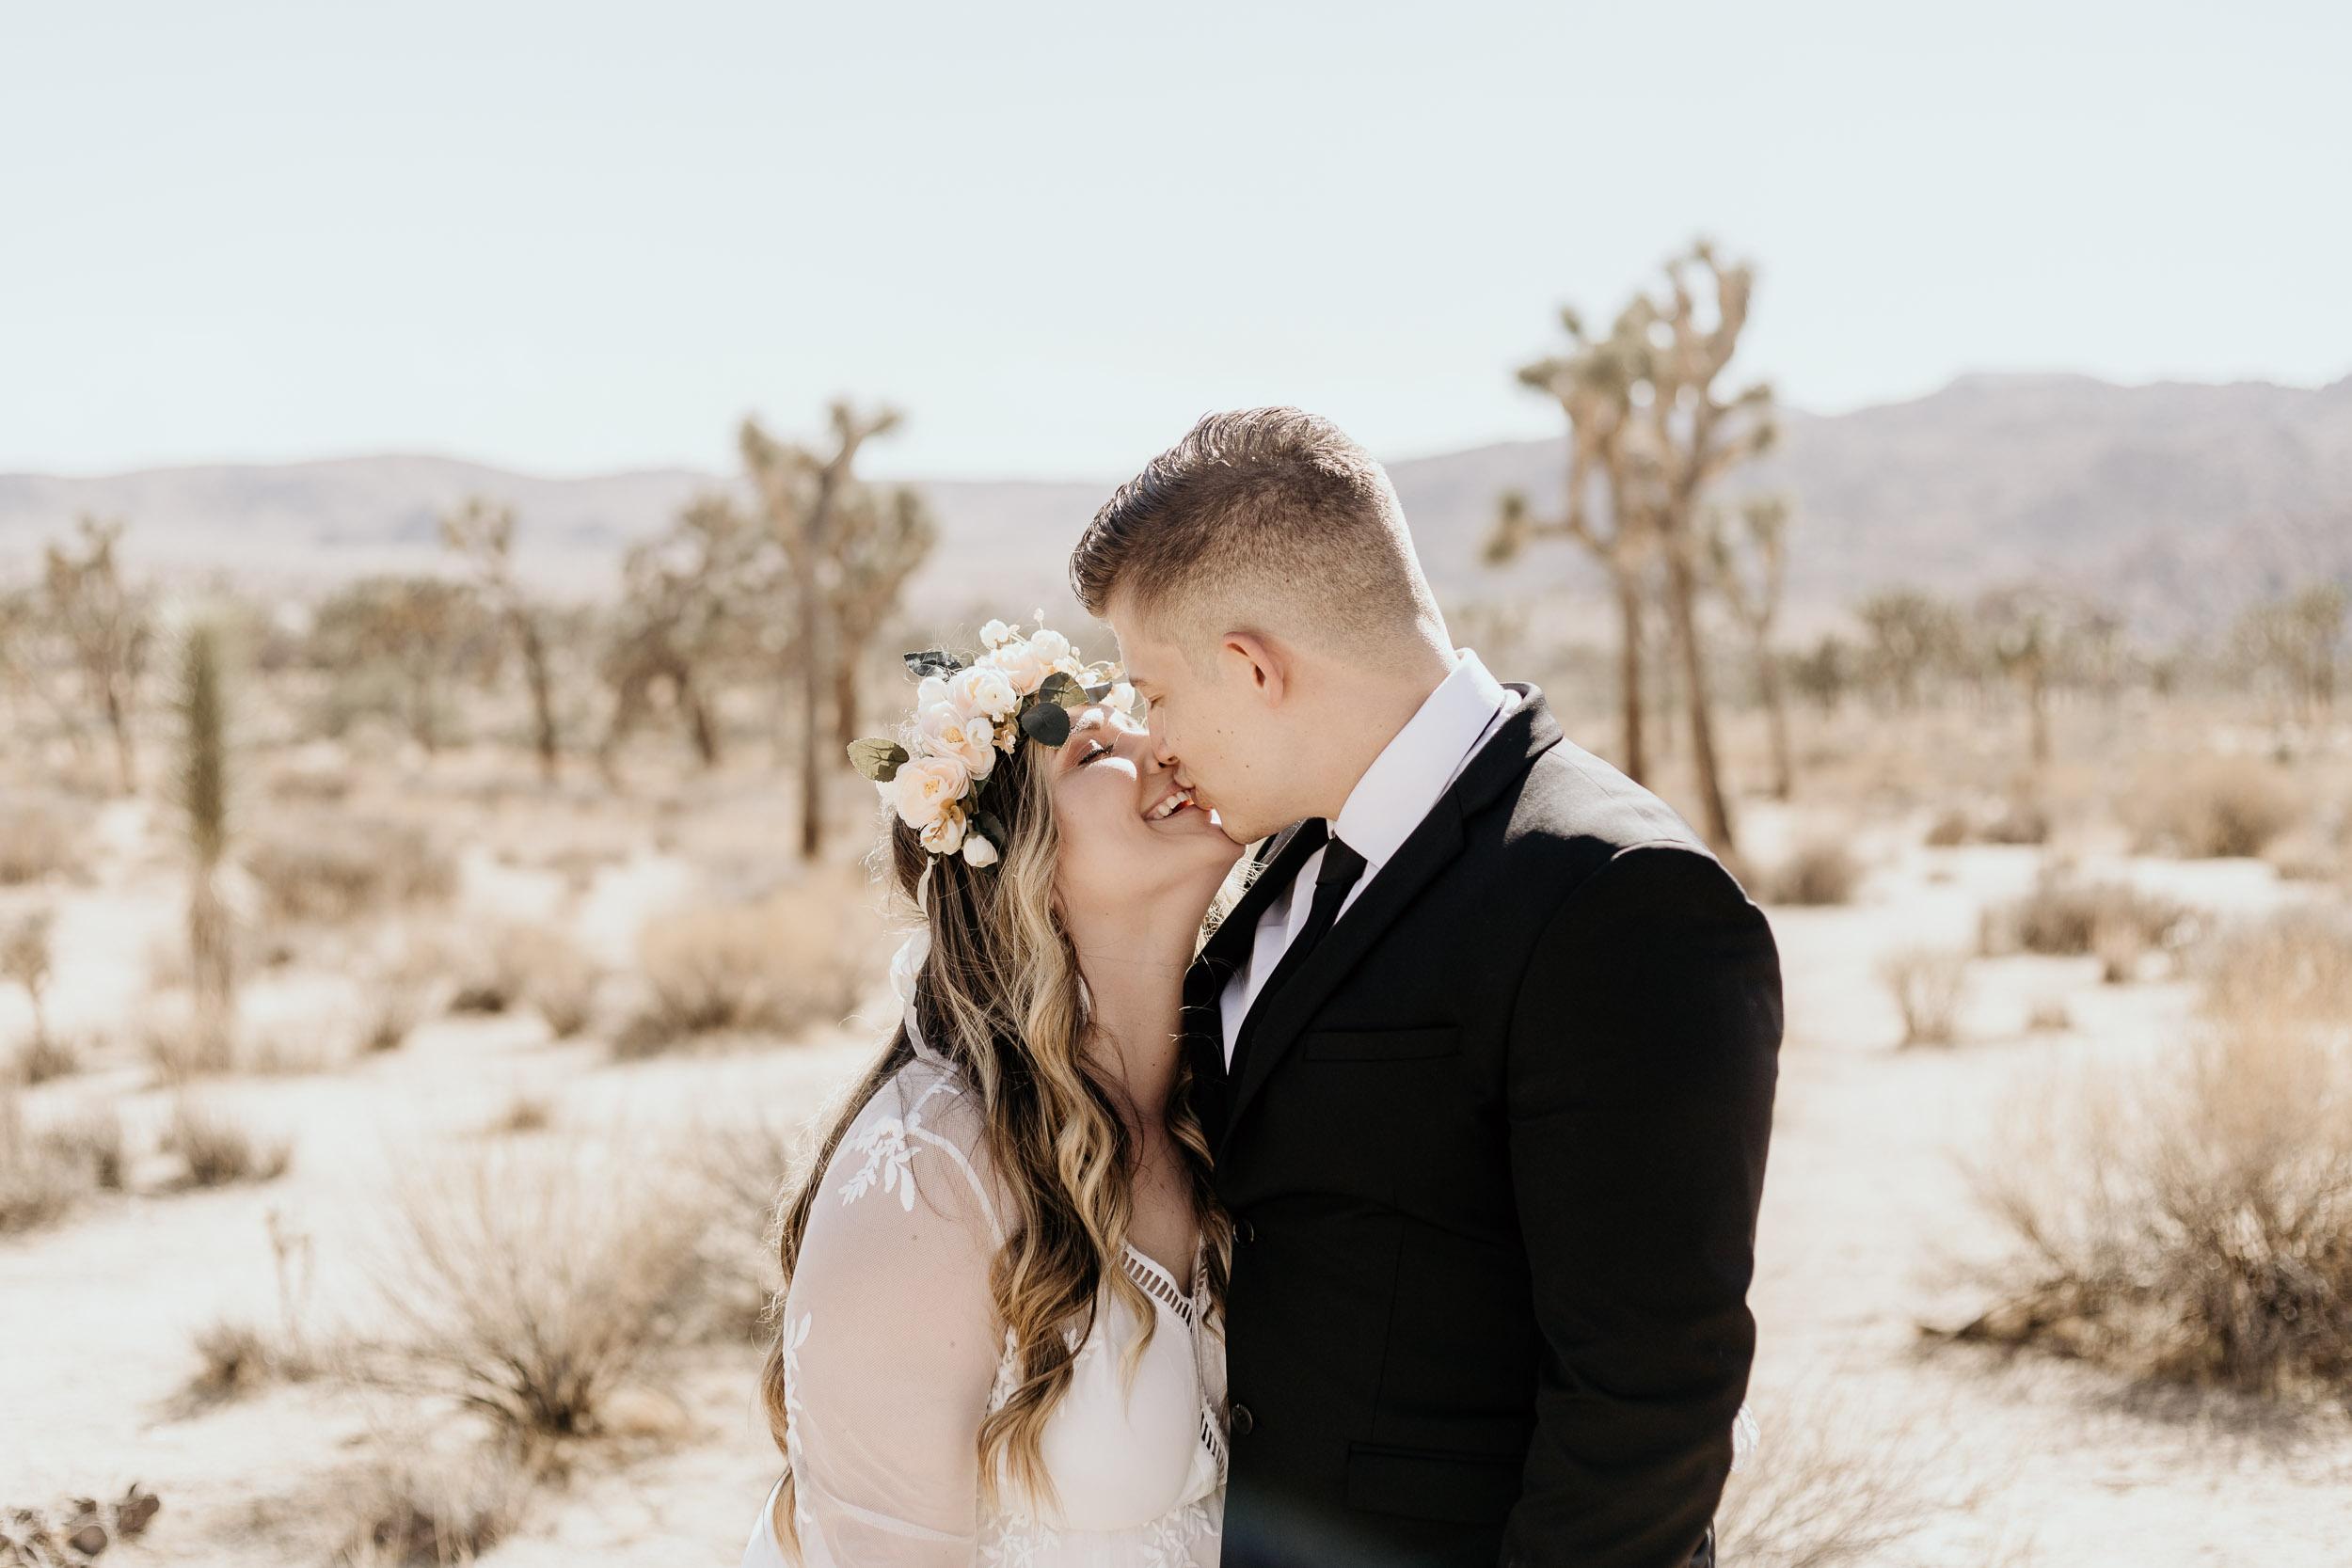 intimate-wedding-elopement-photographer-ottawa-joshua-tree-0181.jpg